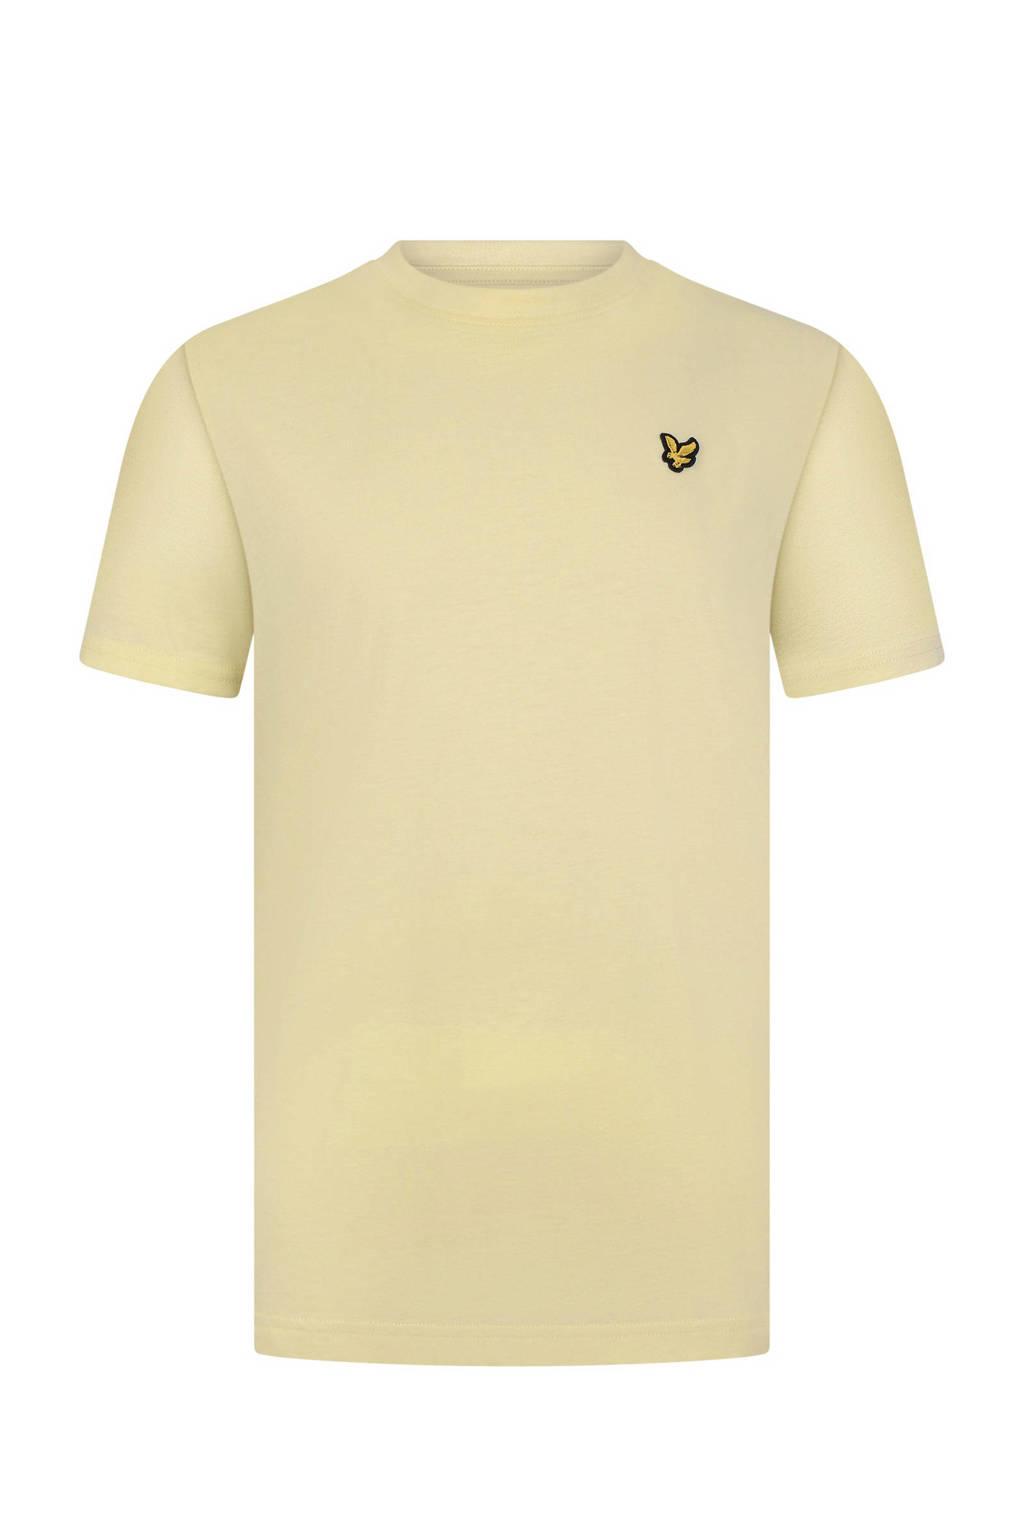 Lyle & Scott T-shirt lichtgeel, Lichtgeel